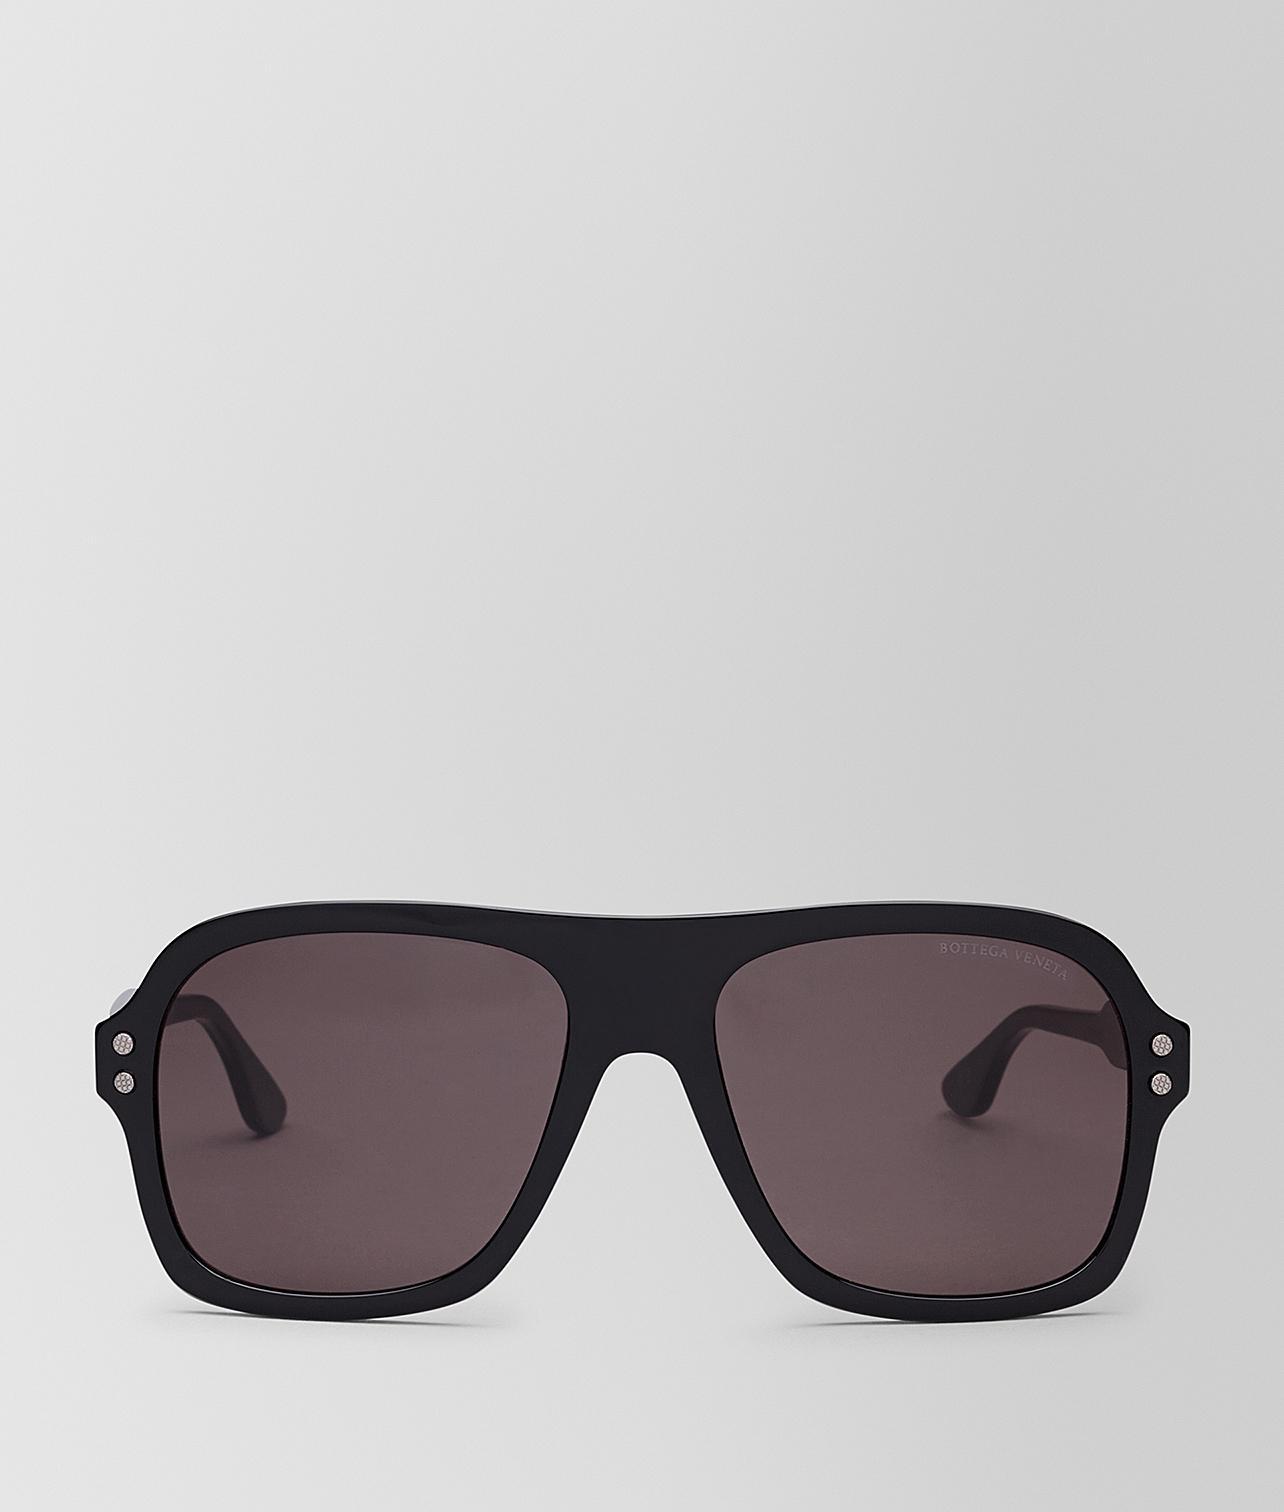 561230535c0c Bottega Veneta Sunglasses In Acetate in Gray for Men - Lyst